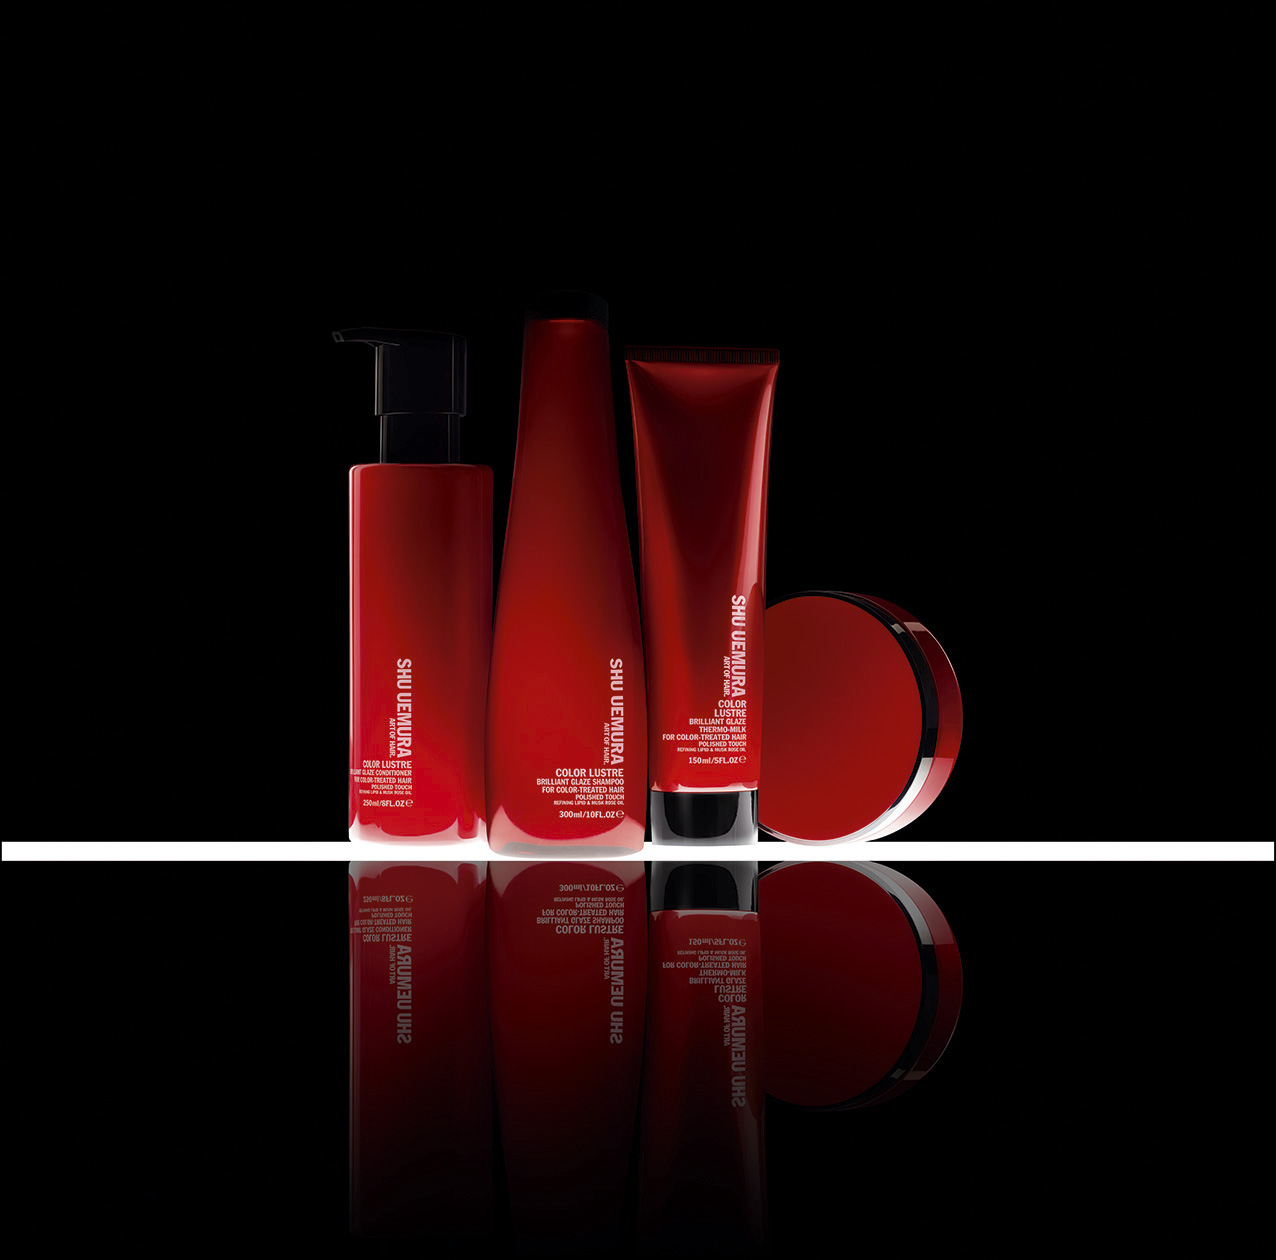 color lustre gamme_rgb - Lustre Color